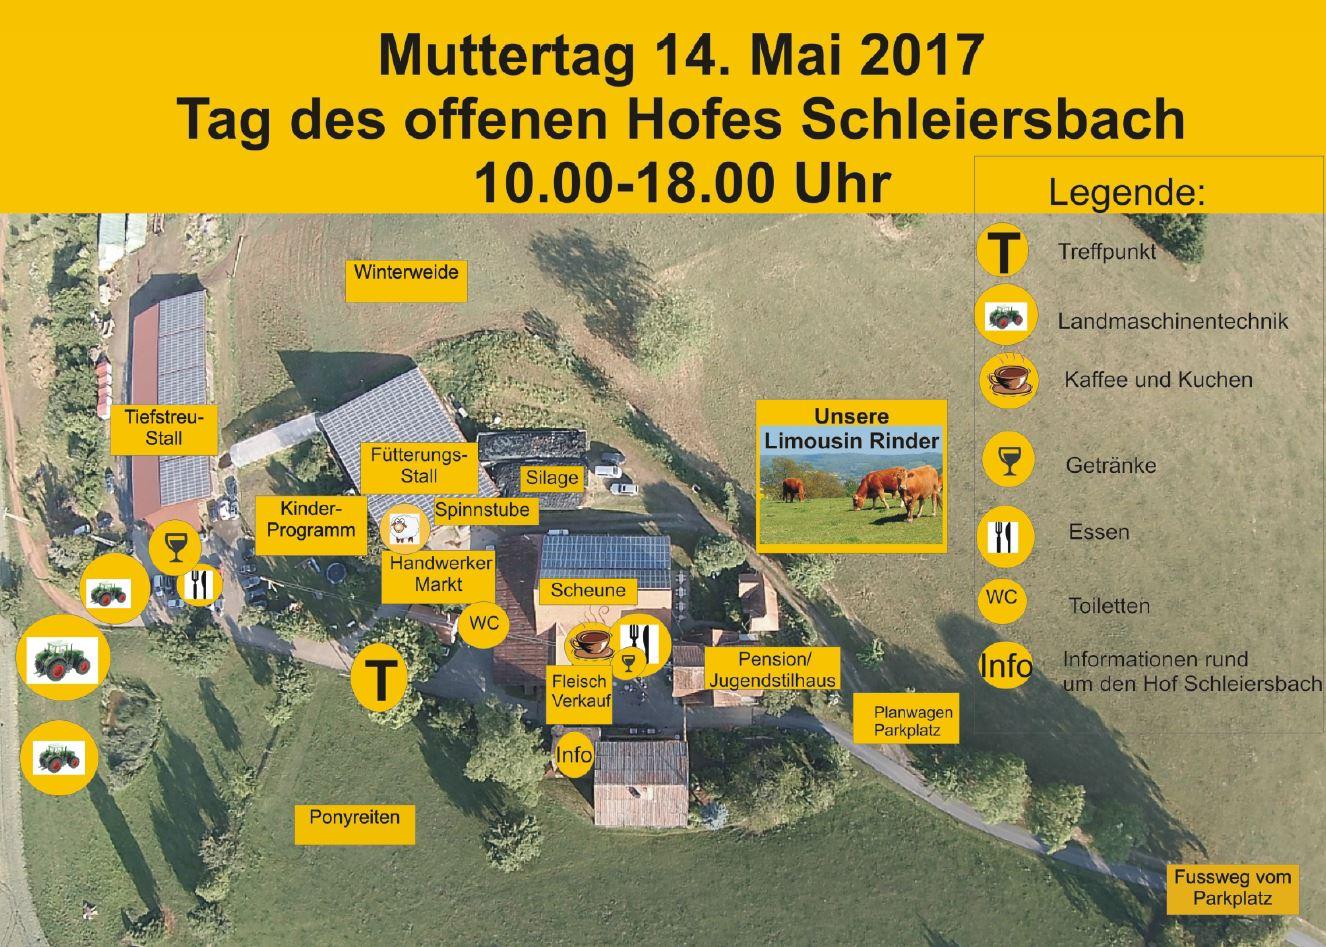 Tag des offenen Hofes Schleiersbach, Familie Böhm